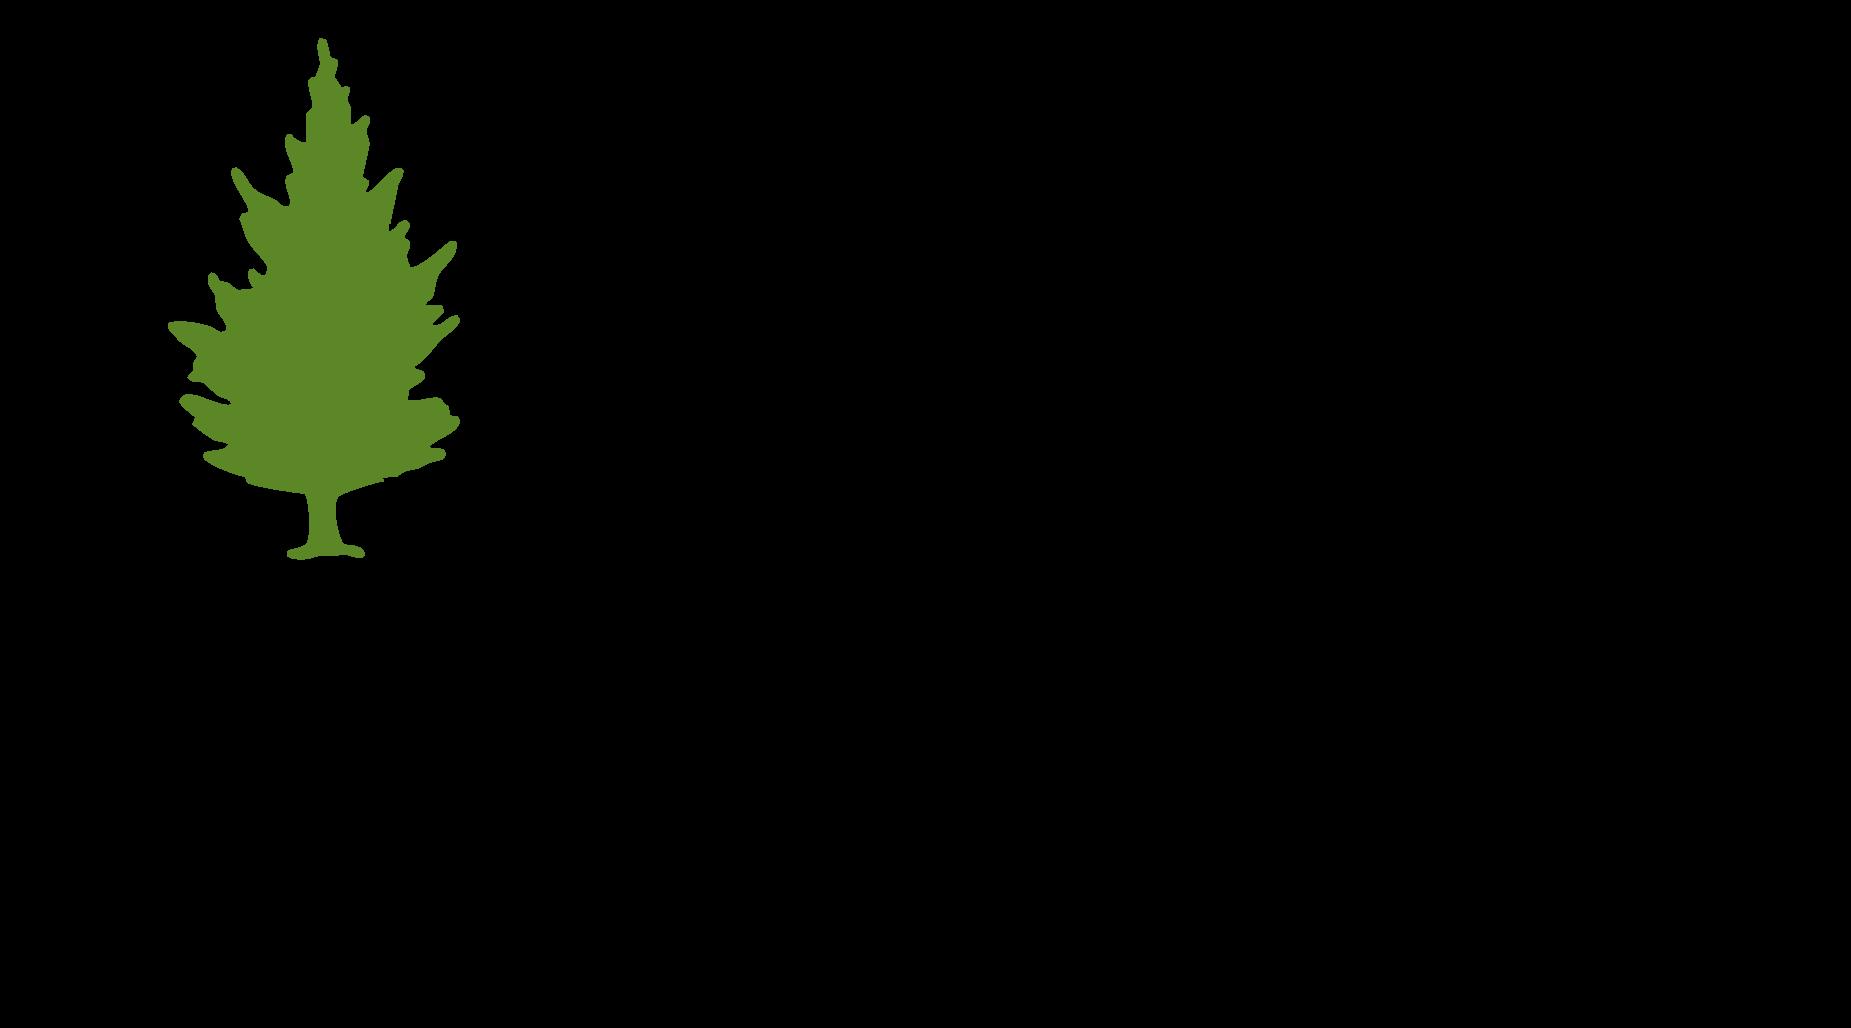 Unity College logo